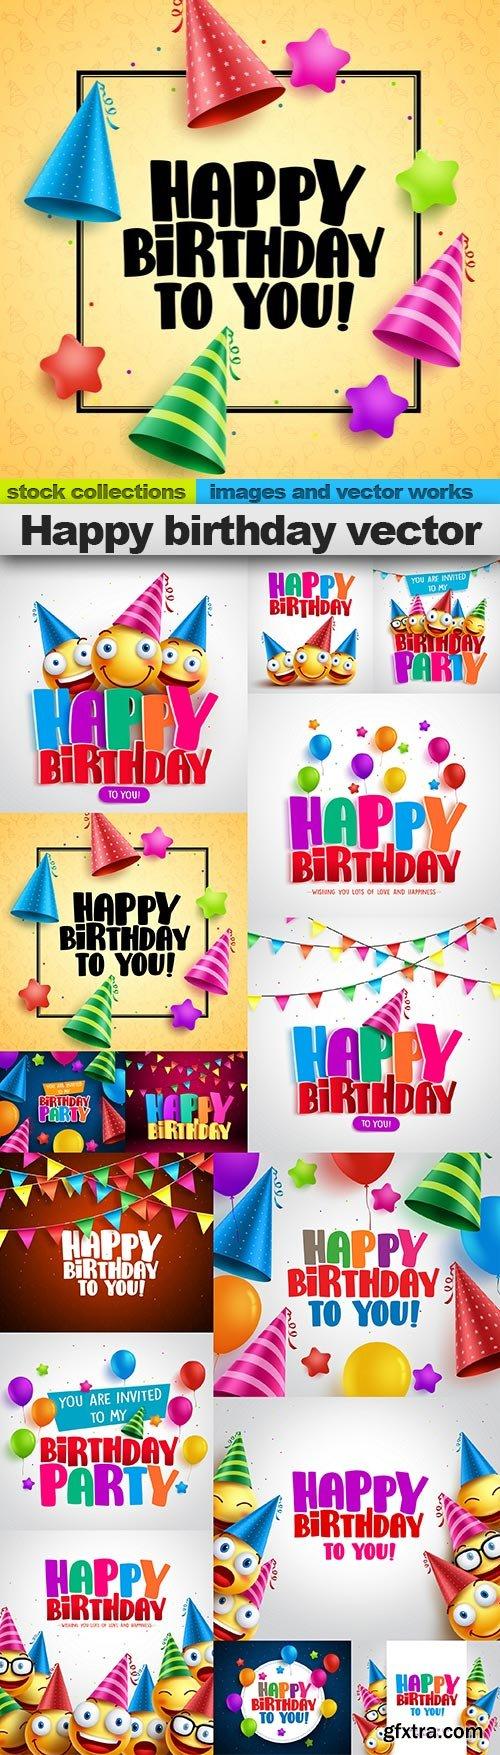 Happy birthday vector, 15 x EPS